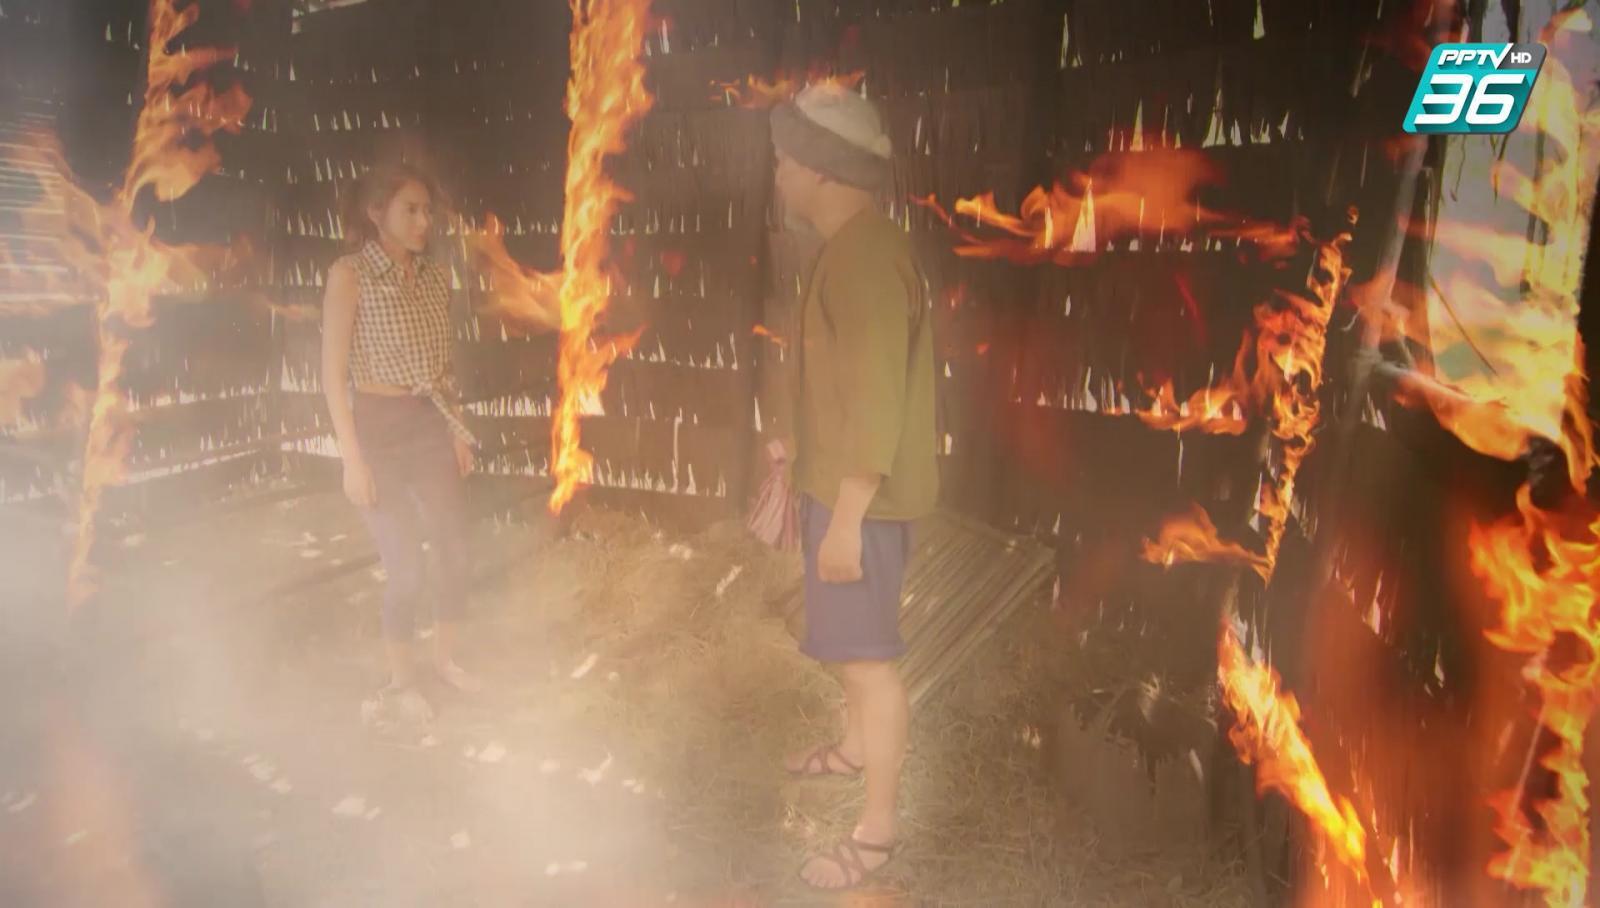 ฟินสุด | เสือลุยไฟ | ฝ่าดงพยัคฆ์ EP.9 | PPTV HD 36